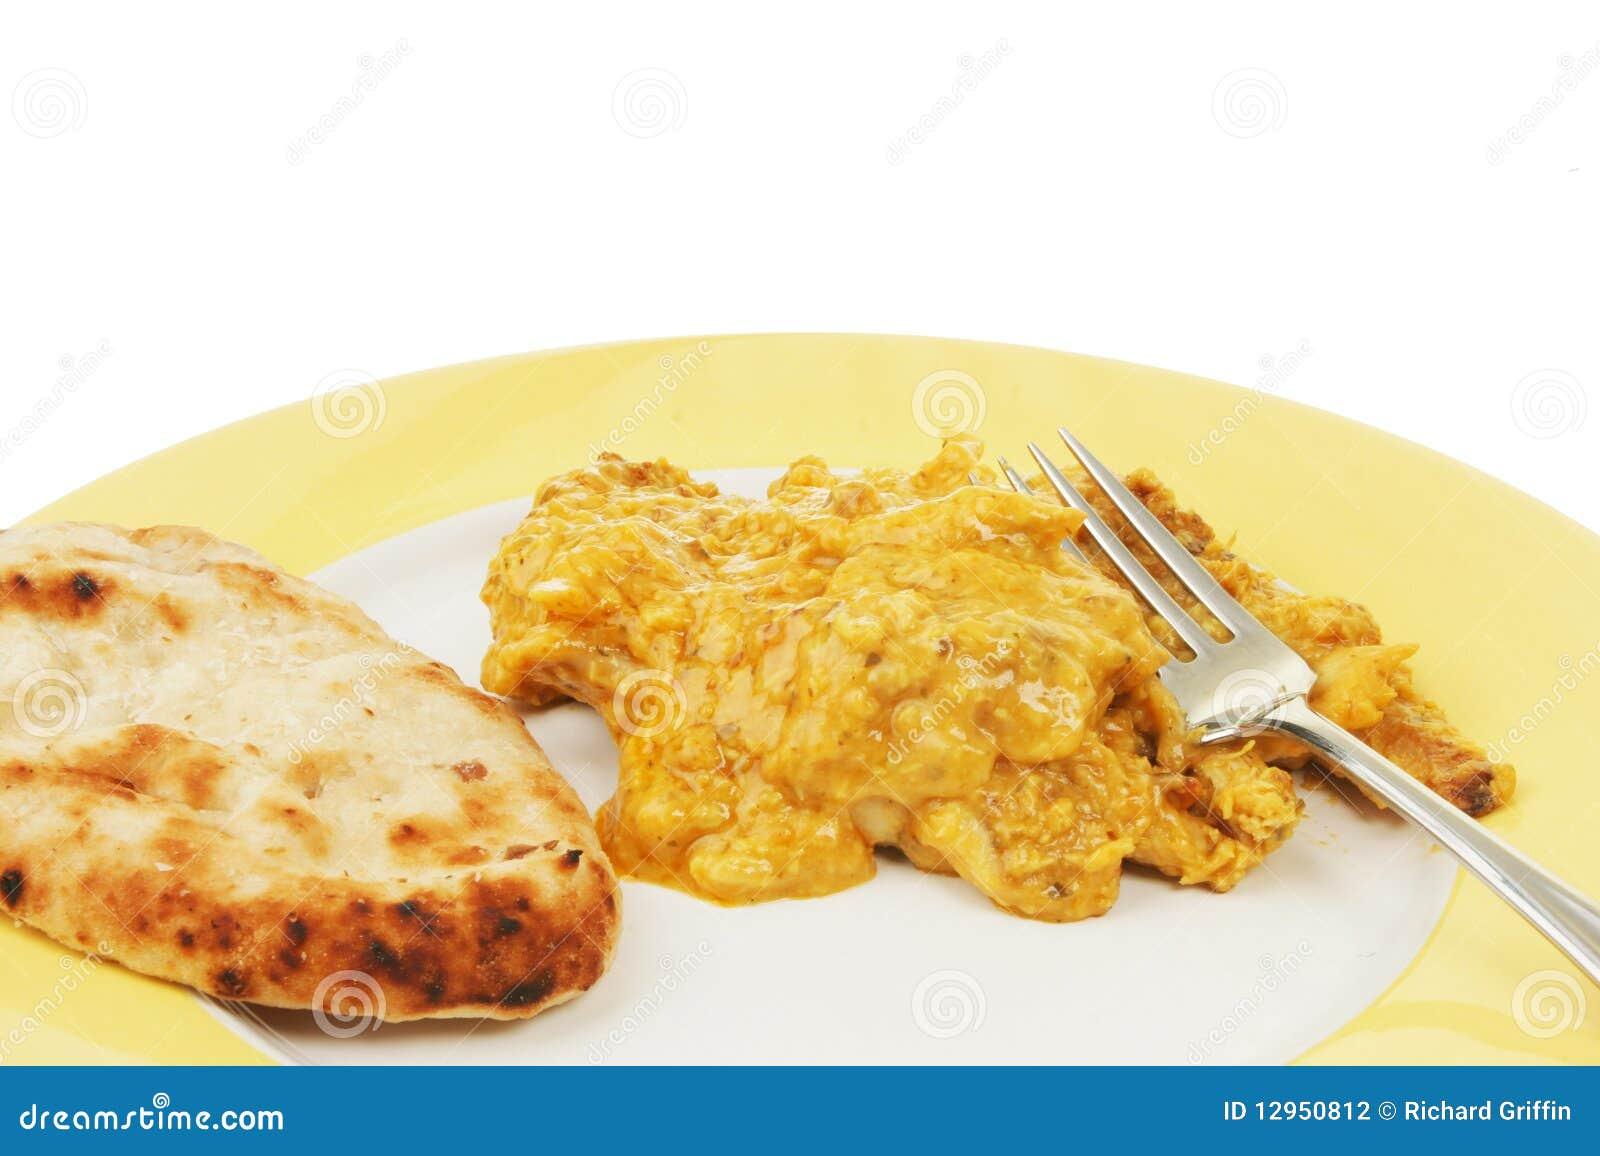 Pollo Korma y cloesup naan